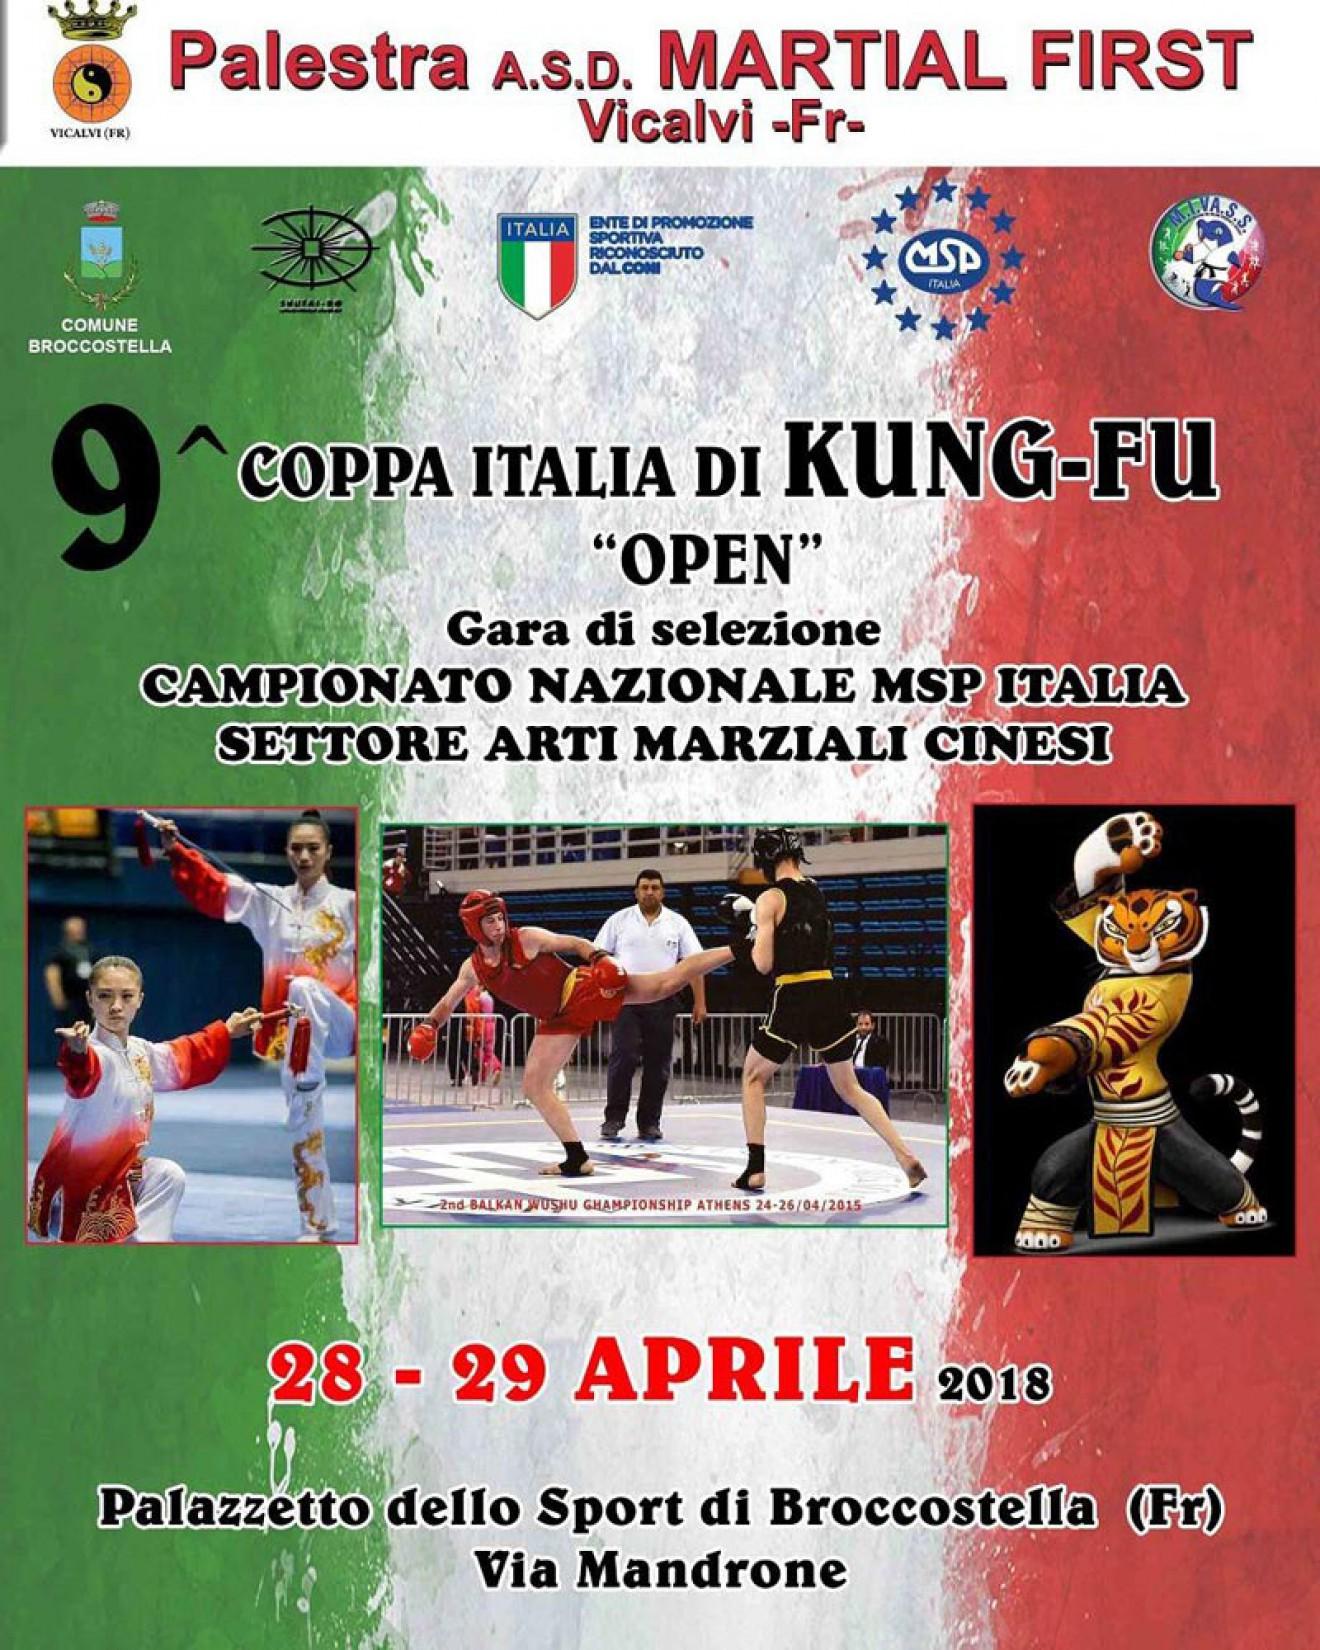 9 Coppa Italia di Kung-fu